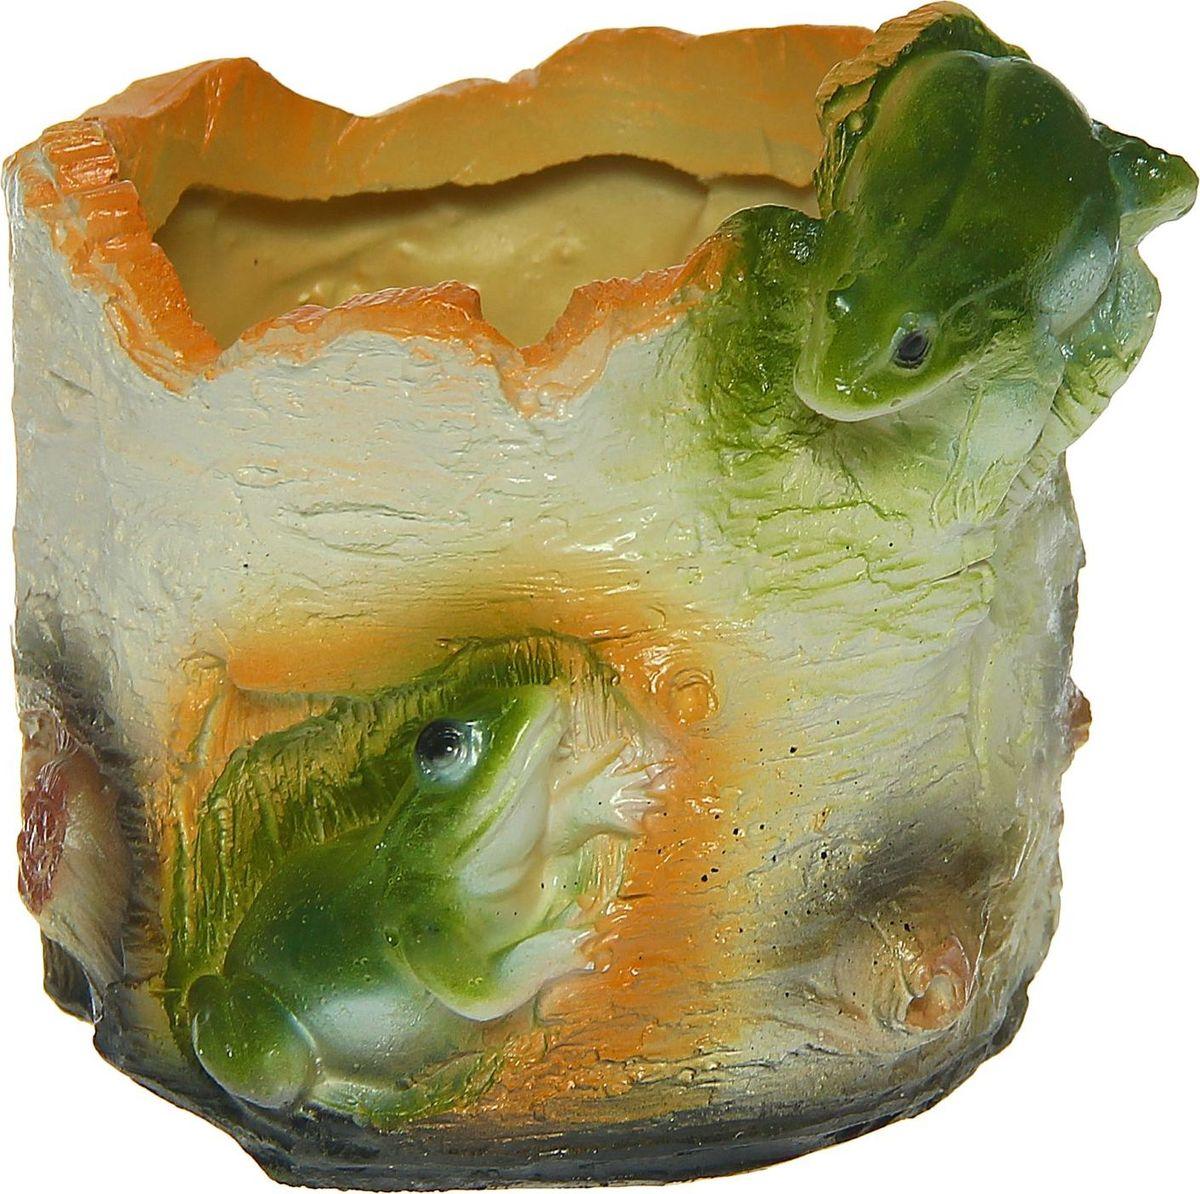 Кашпо Две лягушки в бересте, 15 х 15 х 14 см1281158Комнатные растения — всеобщие любимцы. Они радуют глаз, насыщают помещение кислородом и украшают пространство. Каждому из растений необходим свой удобный и красивый дом. Поселите зеленого питомца в яркое и оригинальное фигурное кашпо. Выберите подходящую форму для детской, спальни, гостиной, балкона, офиса или террасы. позаботится о растении, украсит окружающее пространство и подчеркнет его оригинальный стиль.